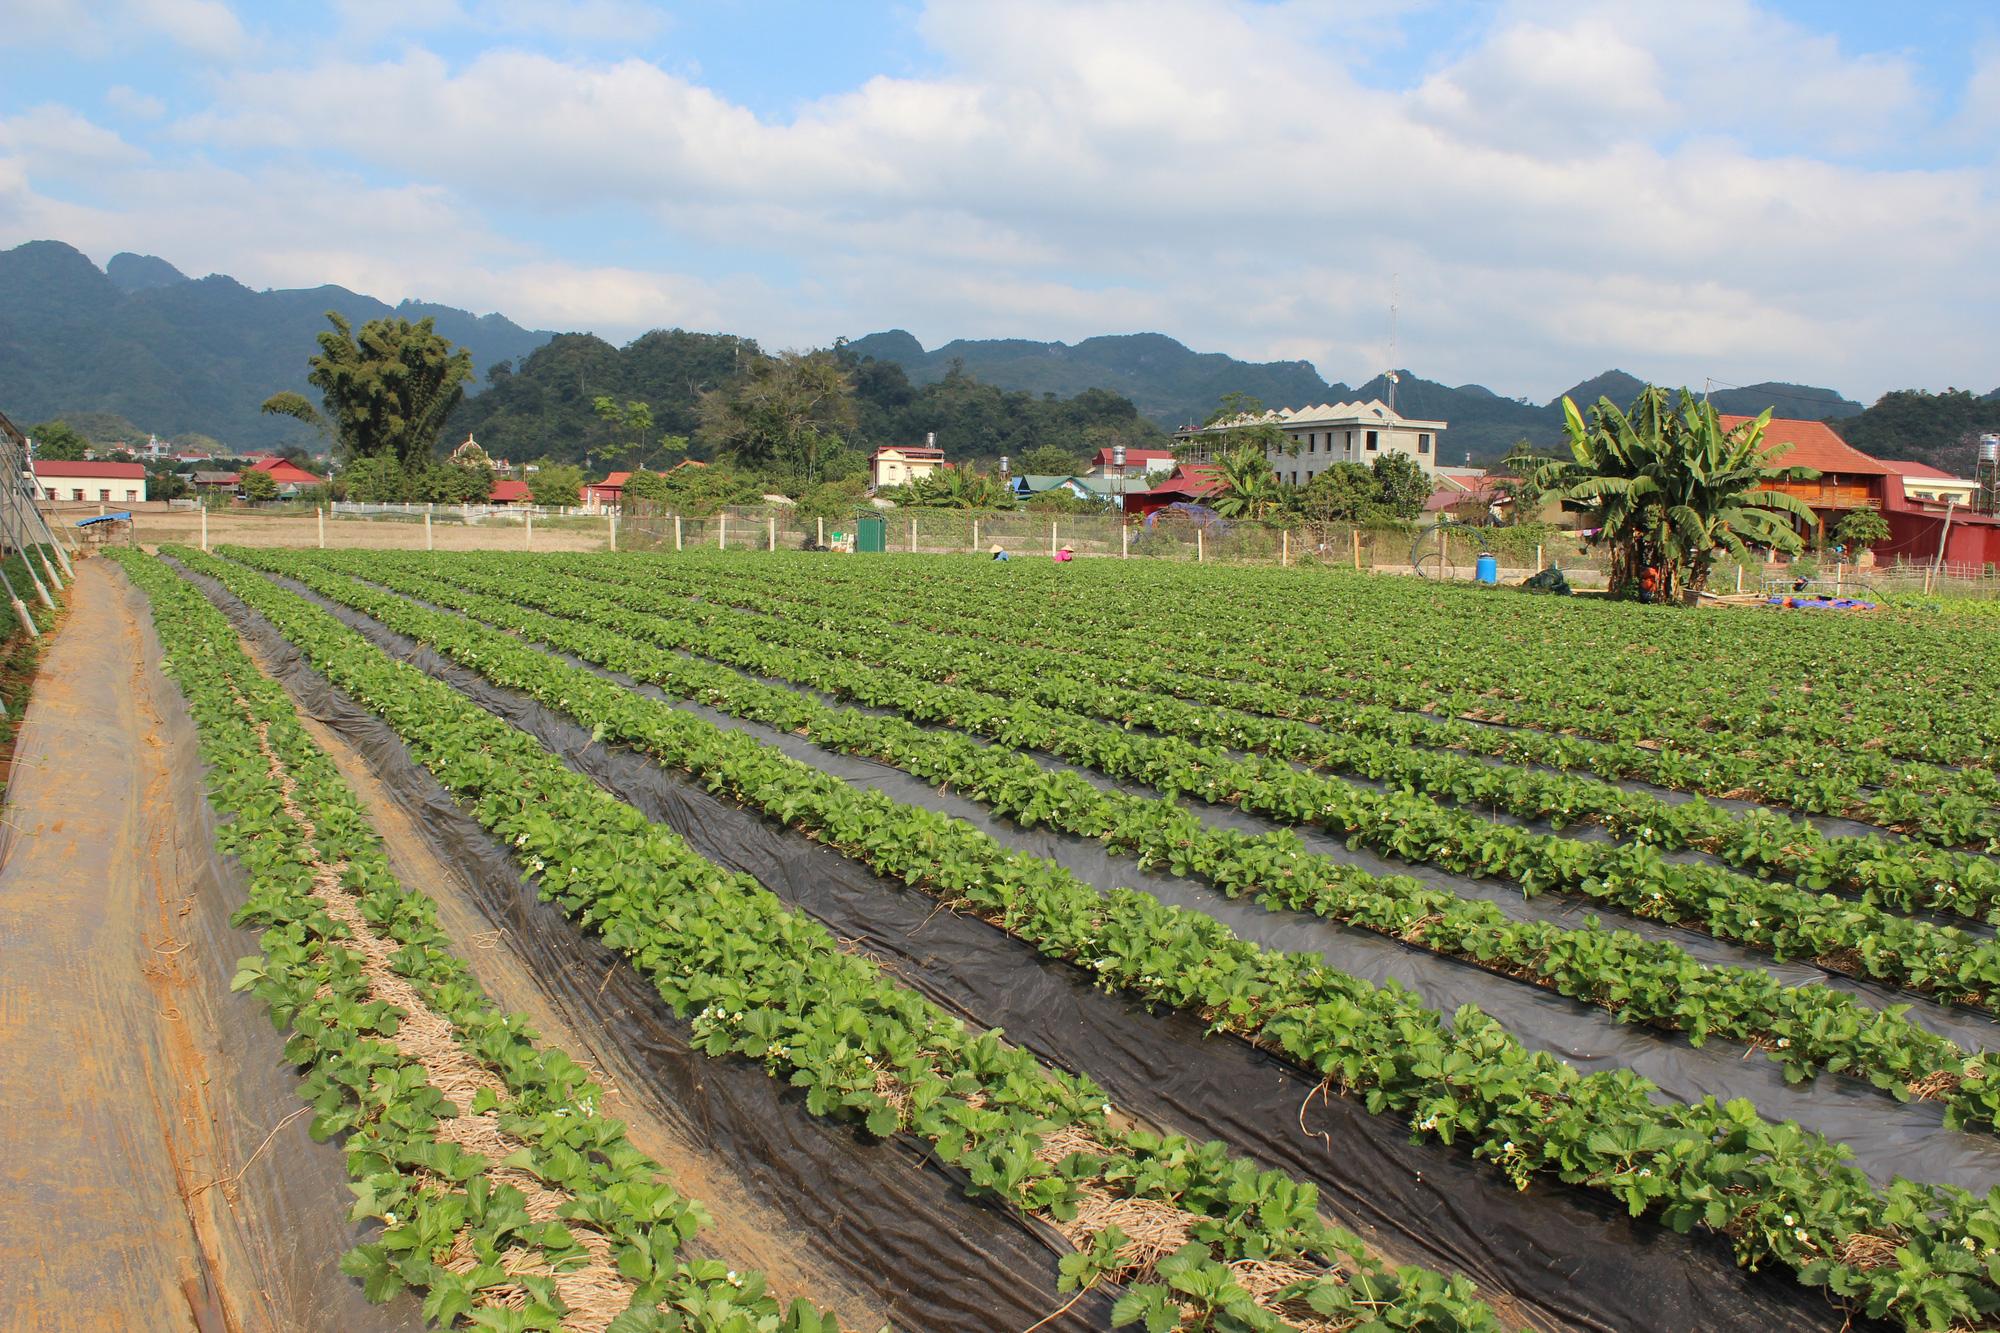 Tăng trưởng GRDP ngành nông nghiệp Sơn La cao hơn 55% so với trung bình của cả nước - Ảnh 3.